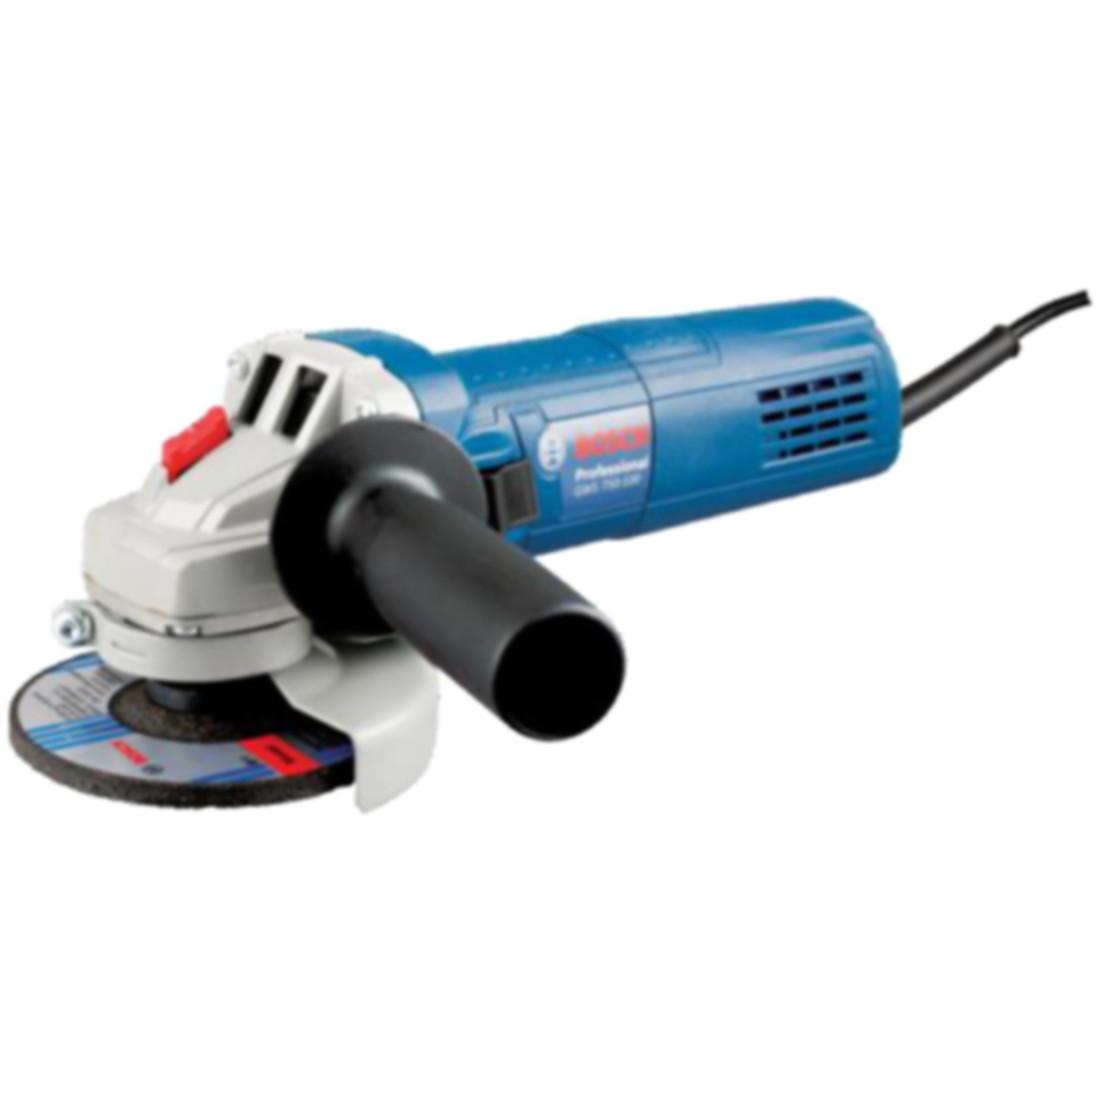 GWS 750-100 Professional